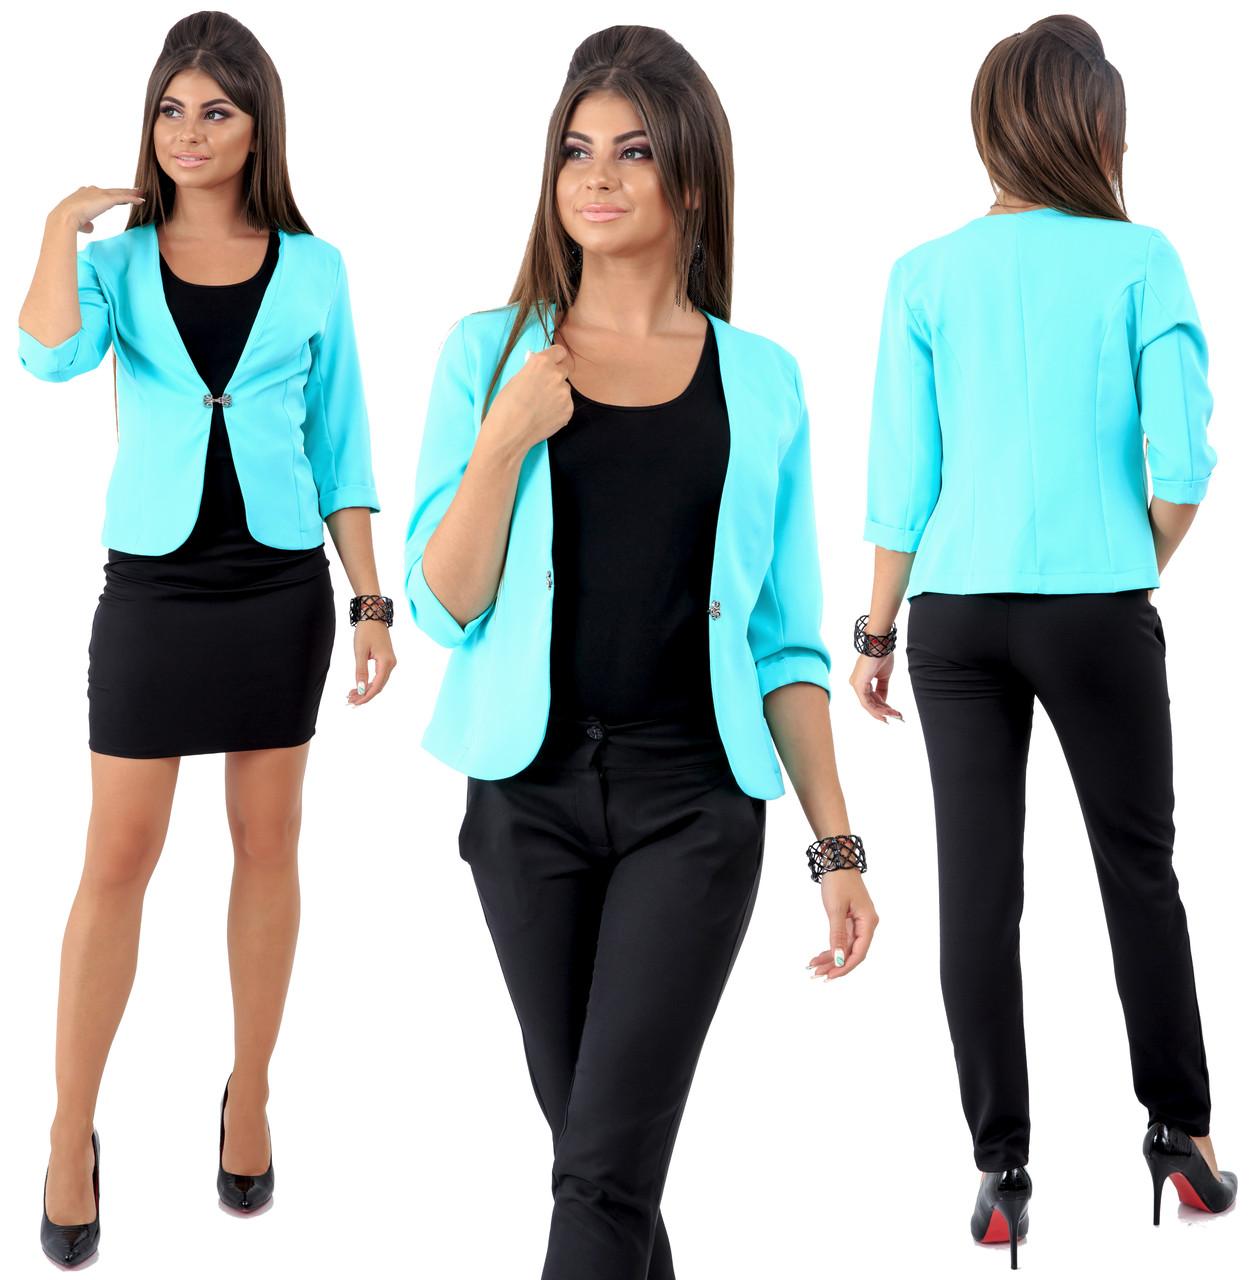 Комплект ТРОЙКА пиджак, брюки, юбка / 4 цвета  арт 6549-92